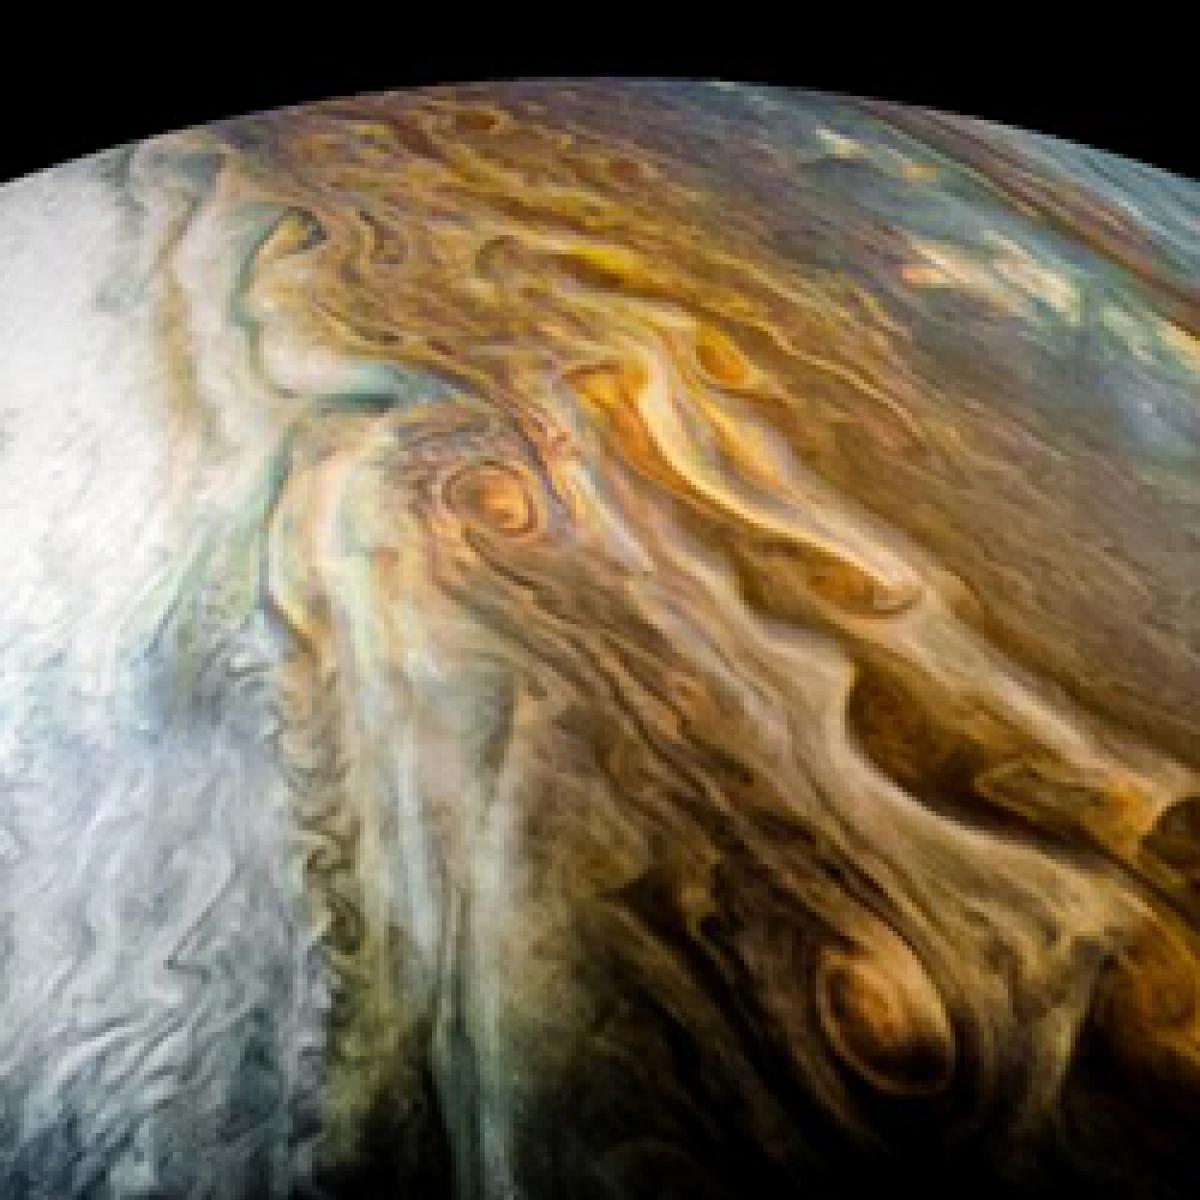 Juno bliżej niż dalej